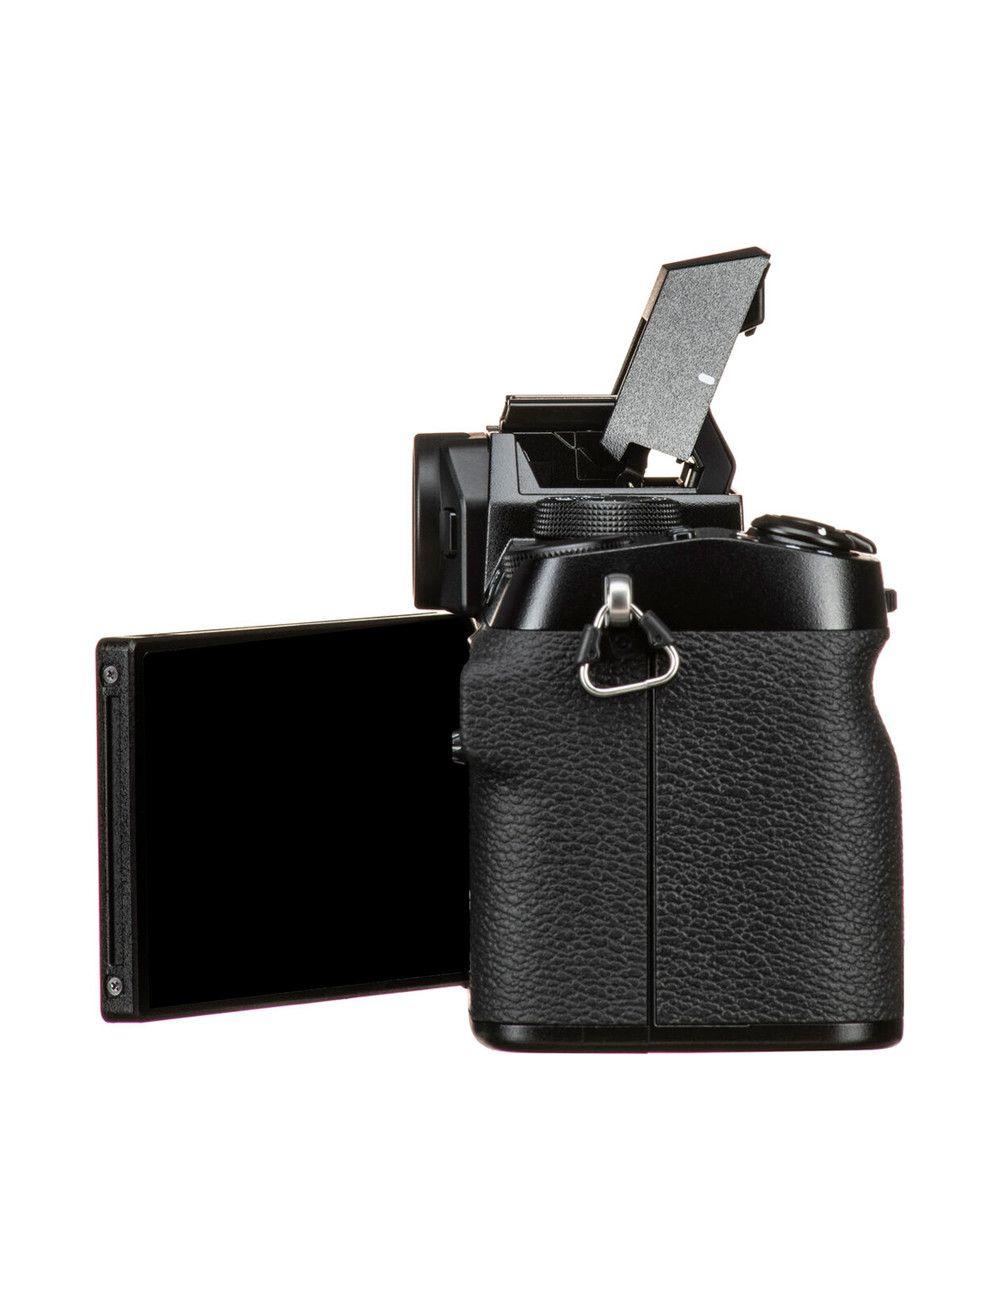 GODOX XPro - TTL / HSS Controlador para Canon en Chile www.apertura.cl